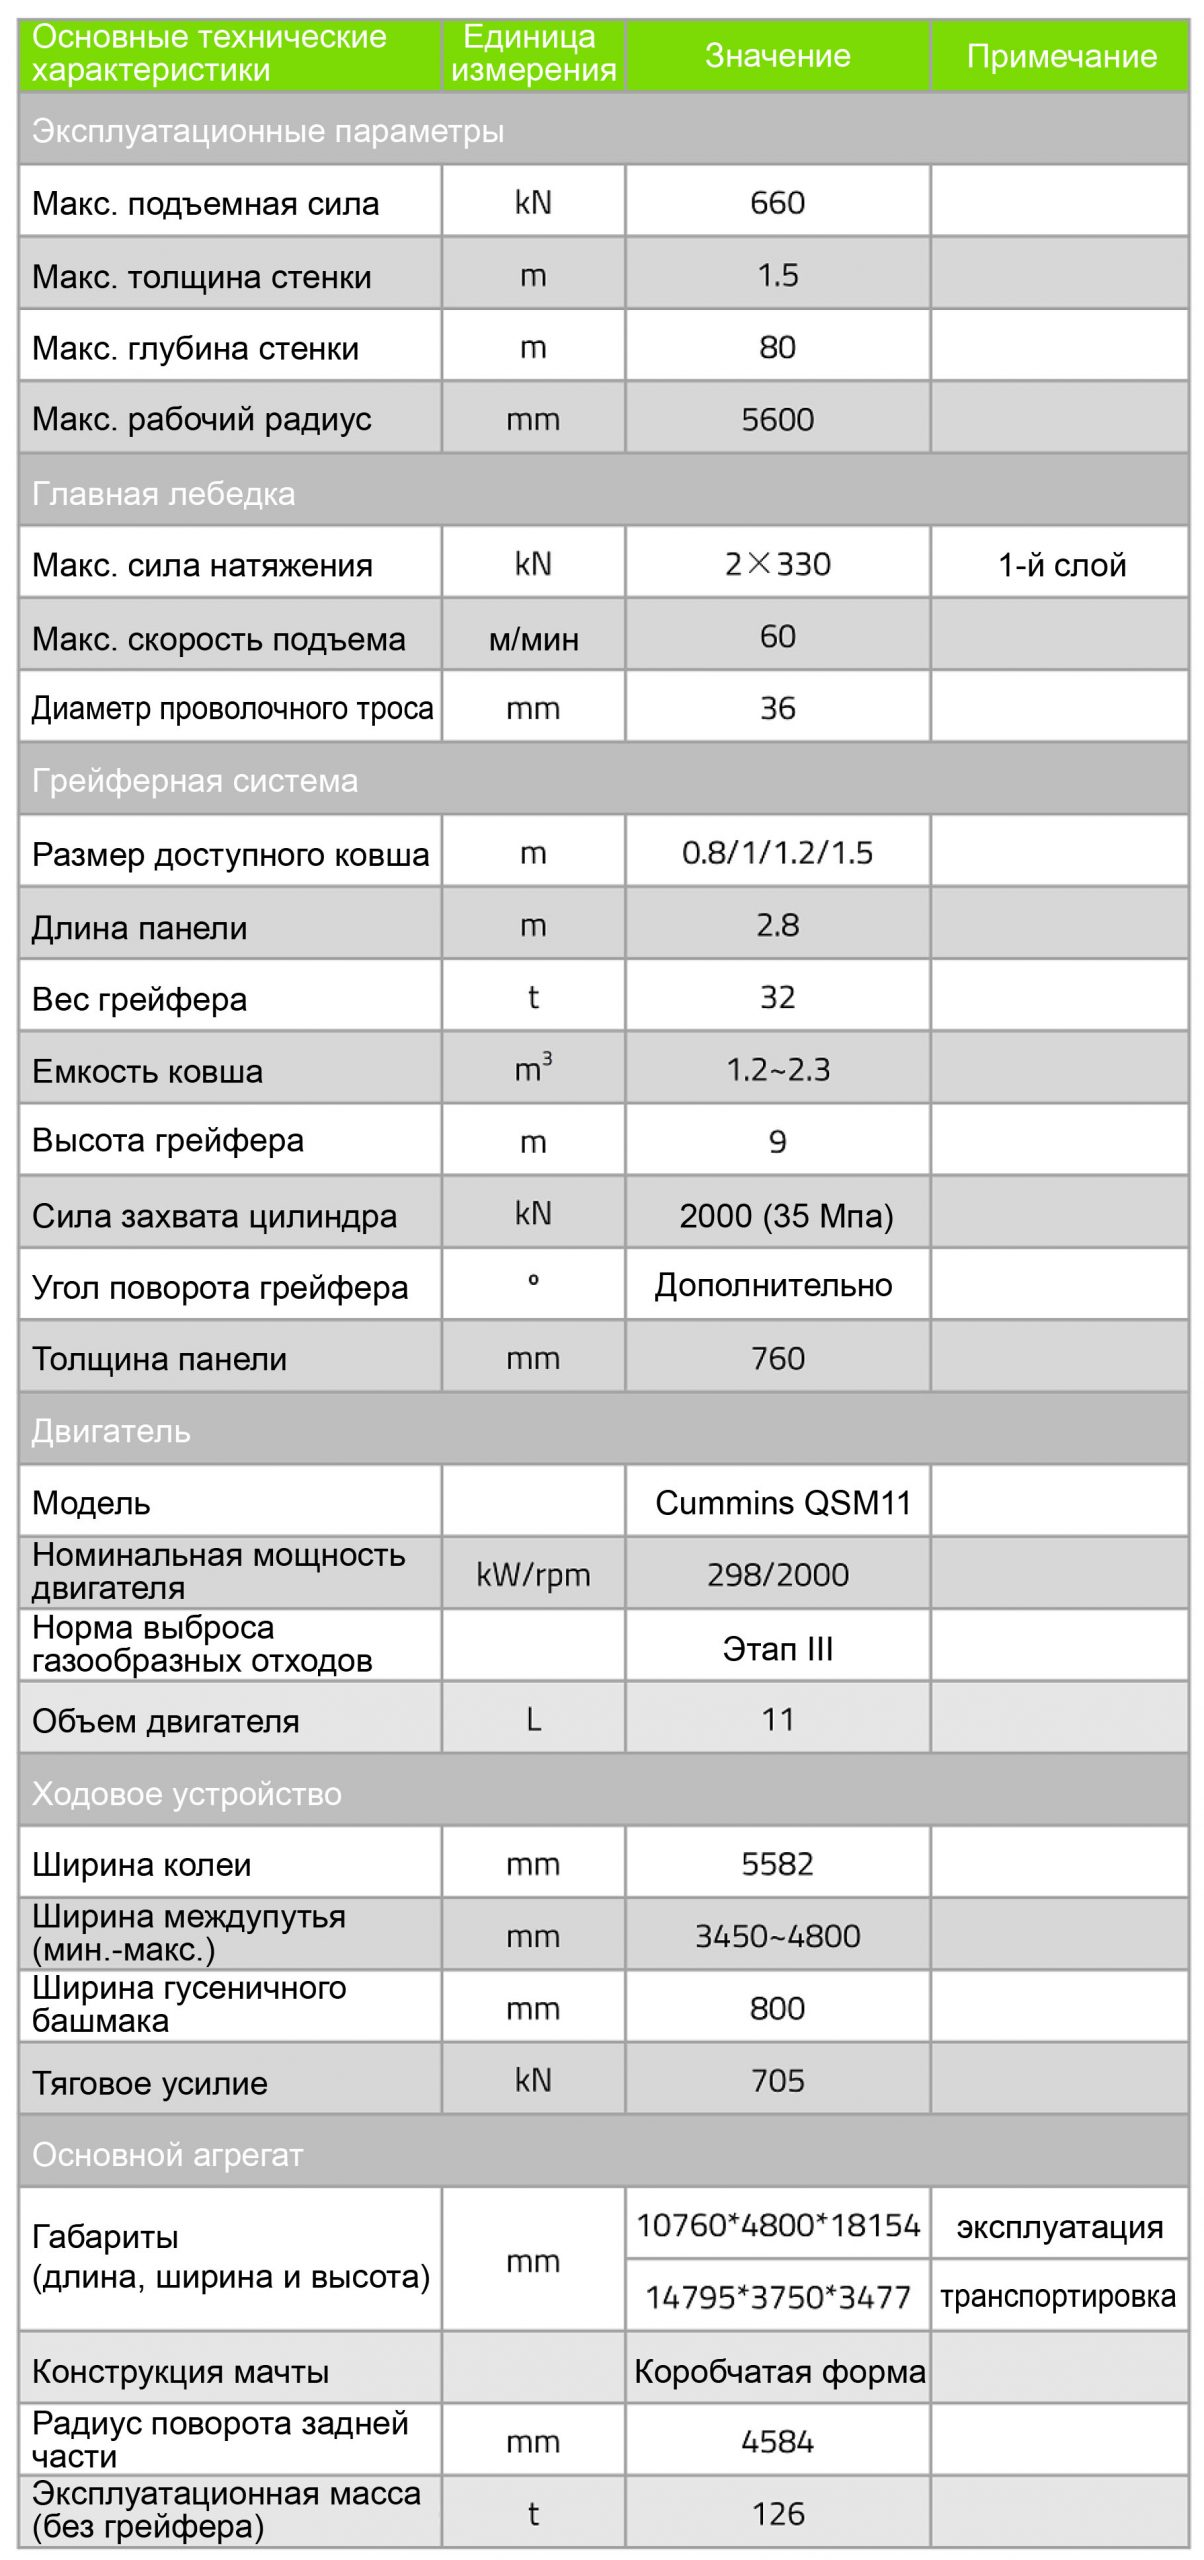 Технические характеристики грейферного экскаватора ZDG650 Zoomlion